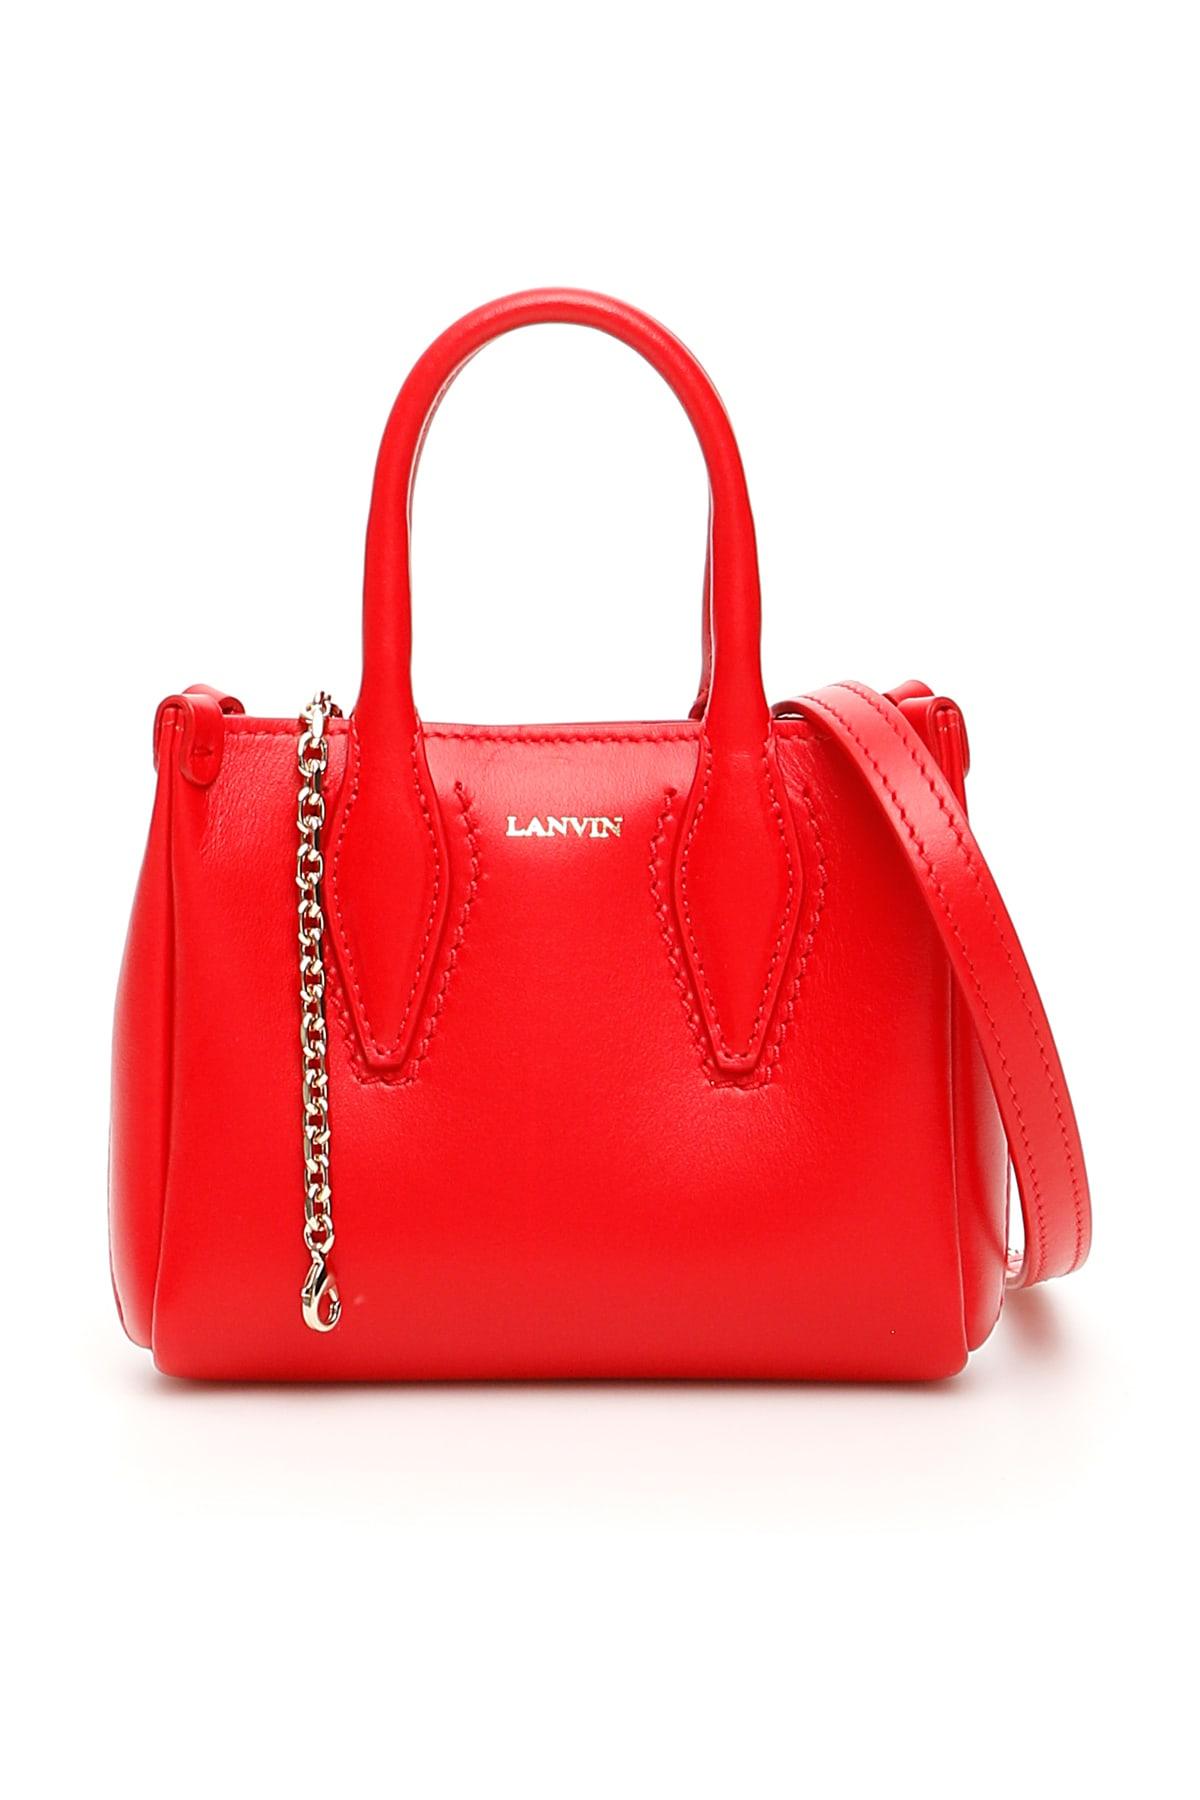 Lanvin Le Journée Micro Bag